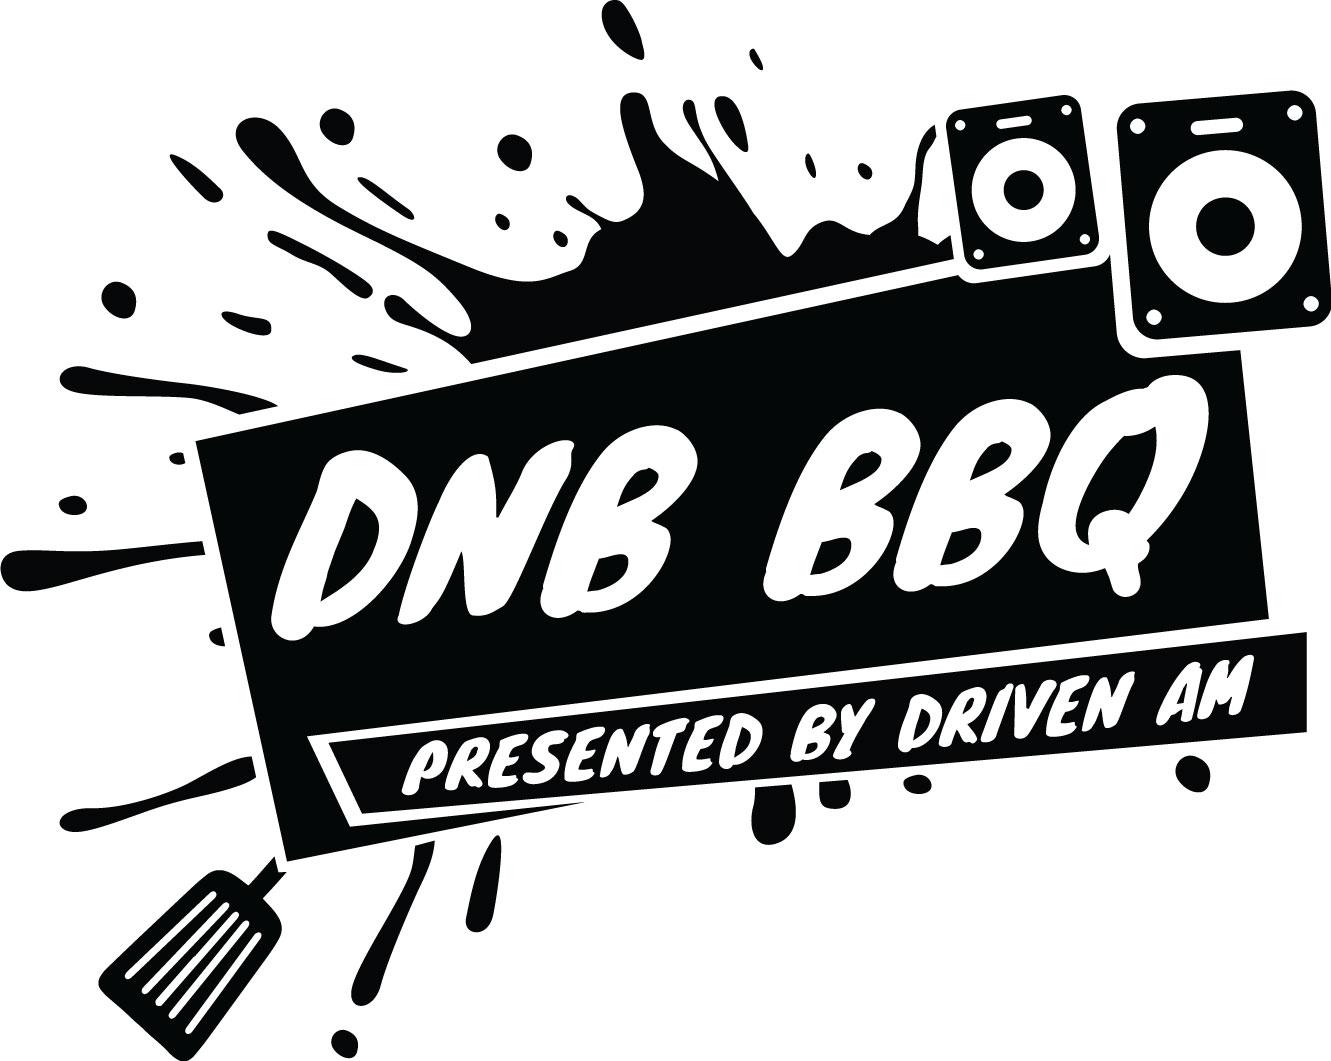 dnb-bbq_aug2019_01.jpg